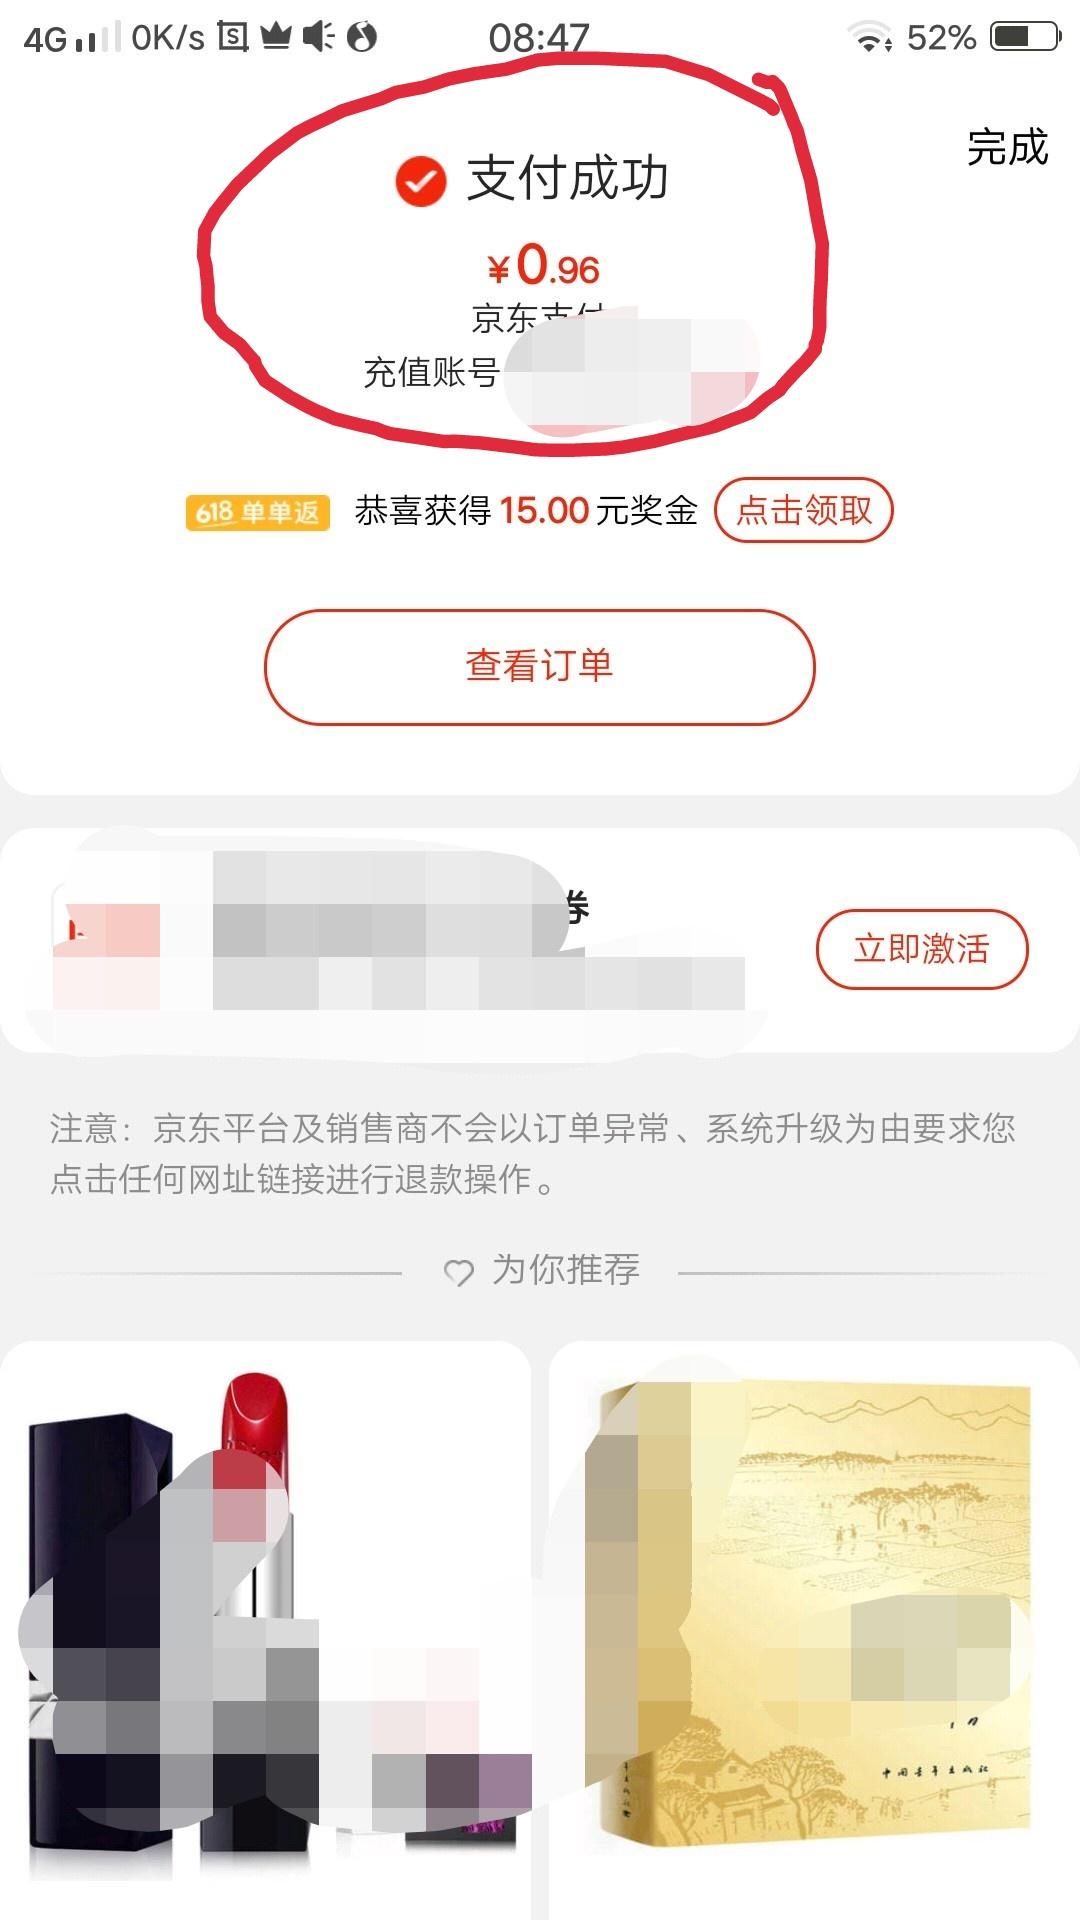 手机充值卡能充q币_京东白条的300虚拟额度用完之后怎么充q币?_百度知道